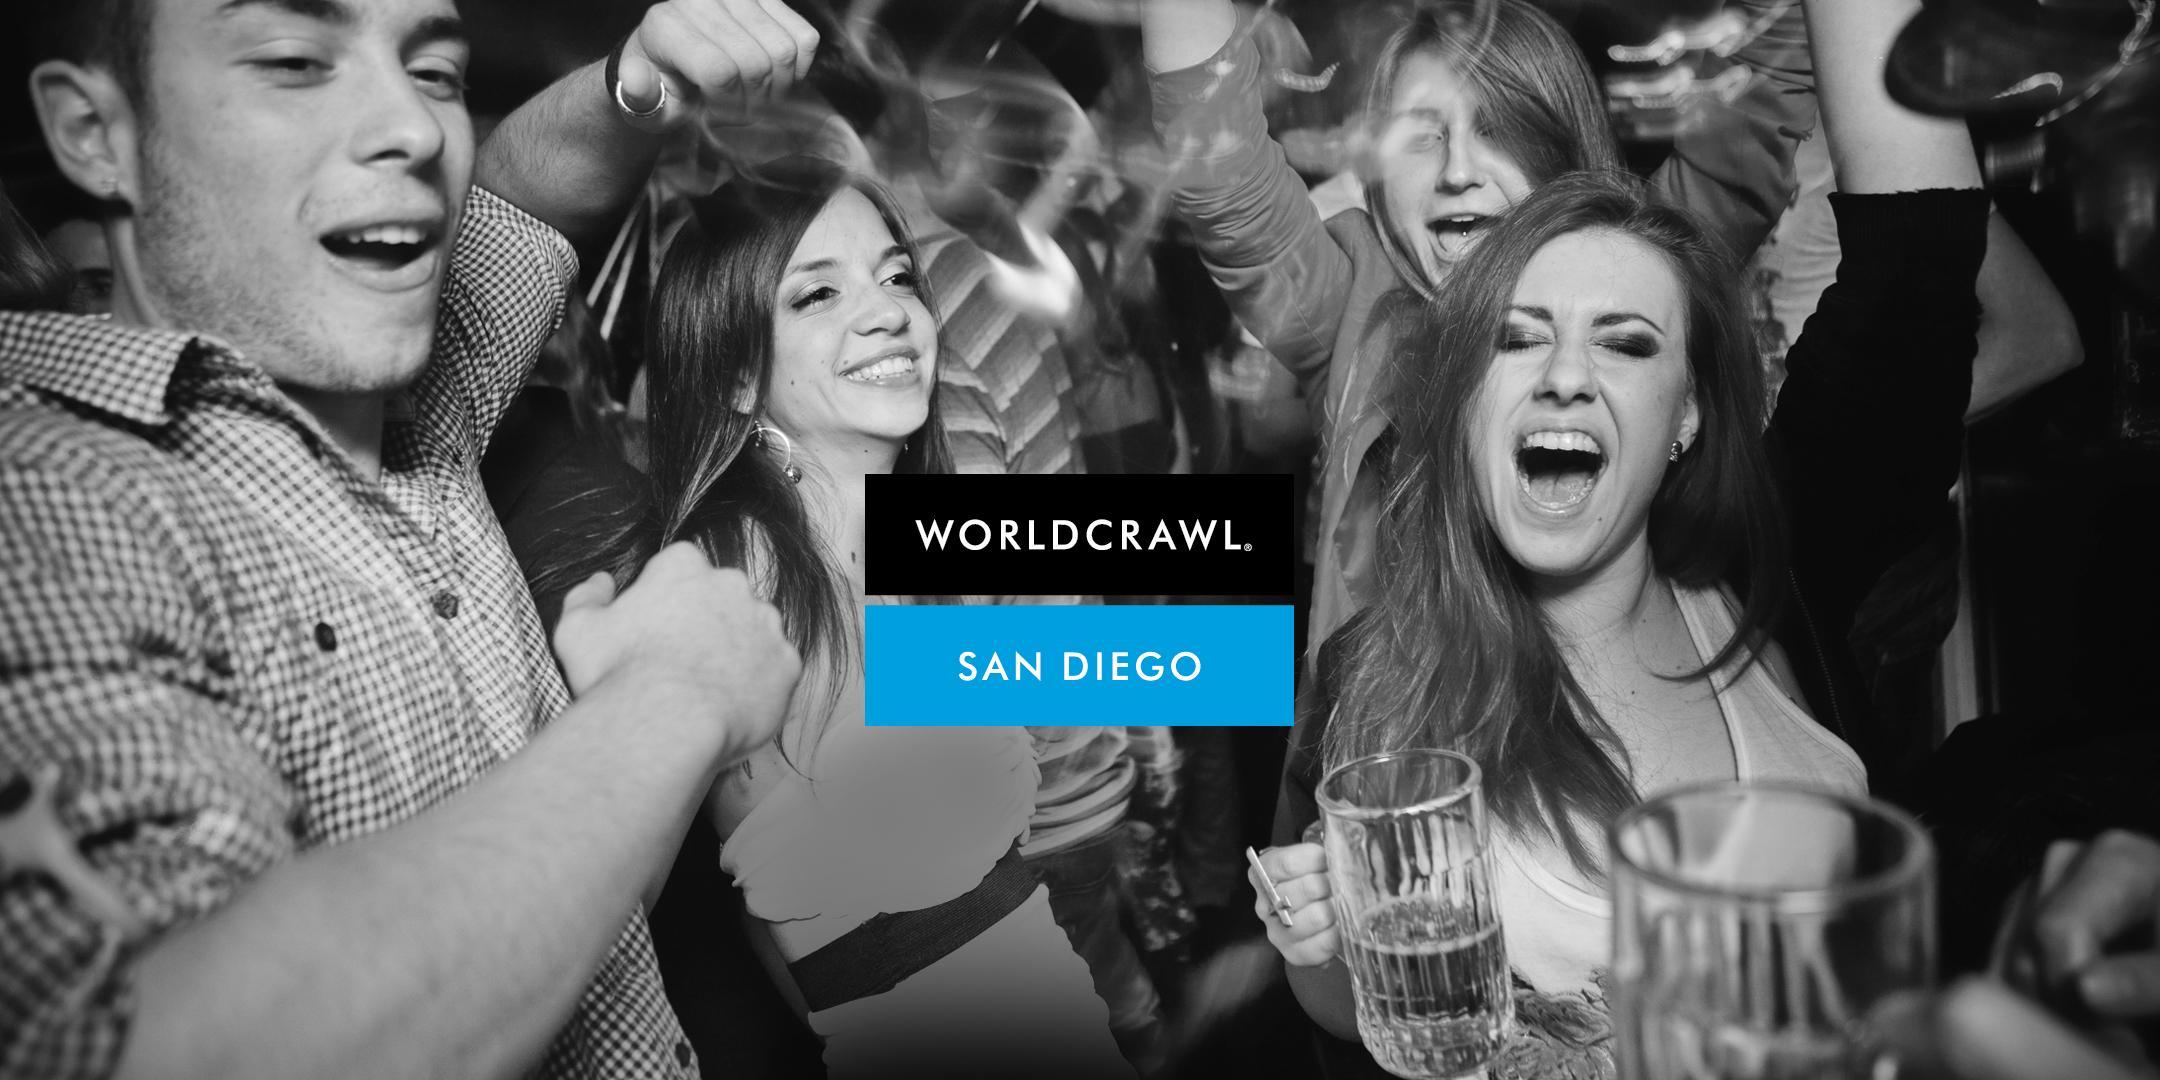 World Crawl™ San Diego - (Discounted) BASIC Crawl. World Crawl™ San Diego - (Discounted) BASIC Crawl